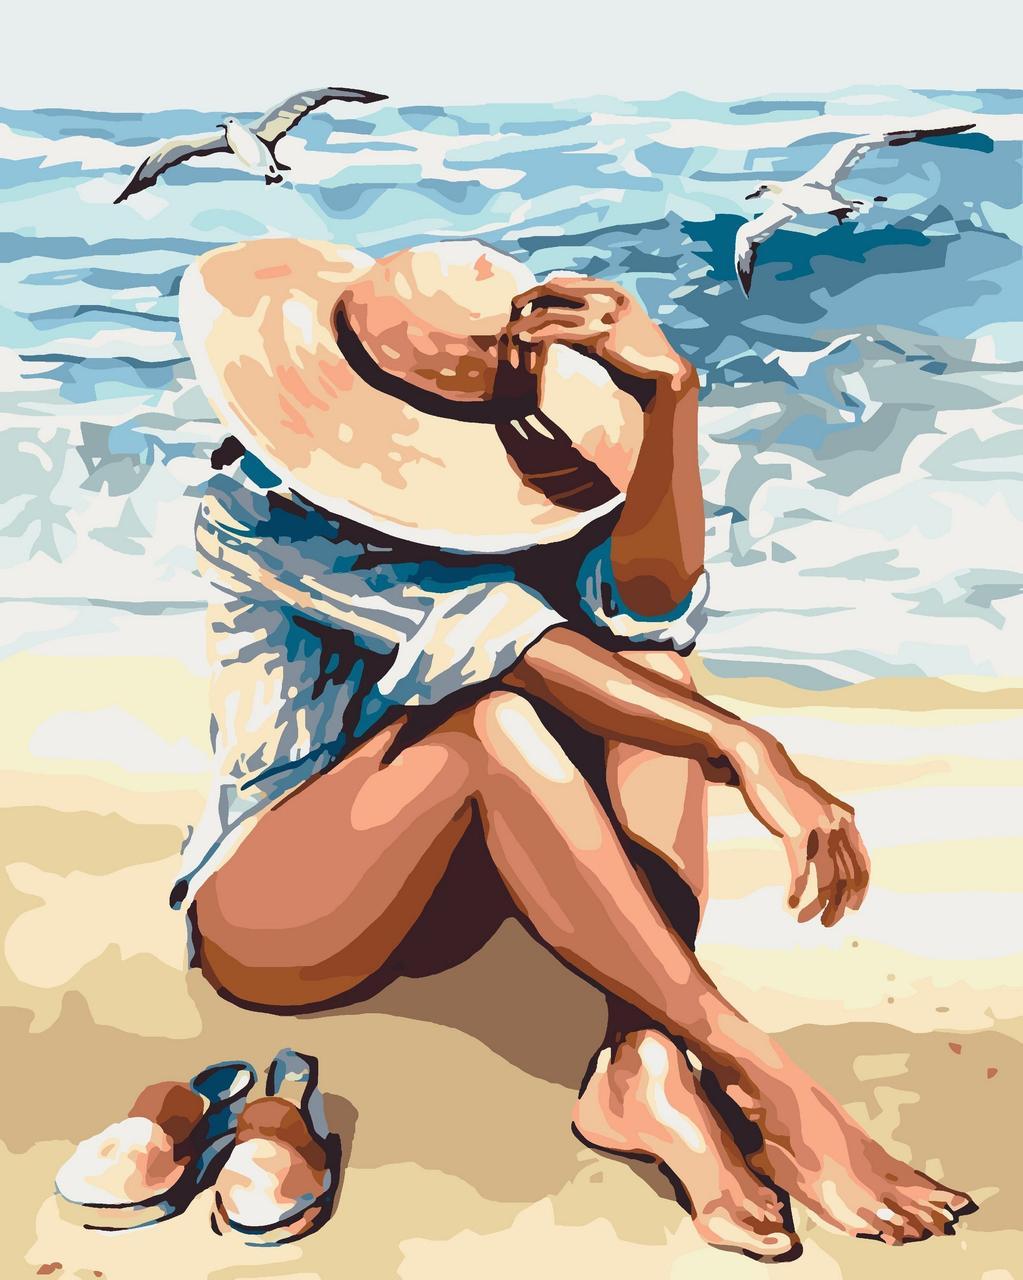 КНО2698 Раскраска по номерам Под пьянящим солнцем, Без коробки